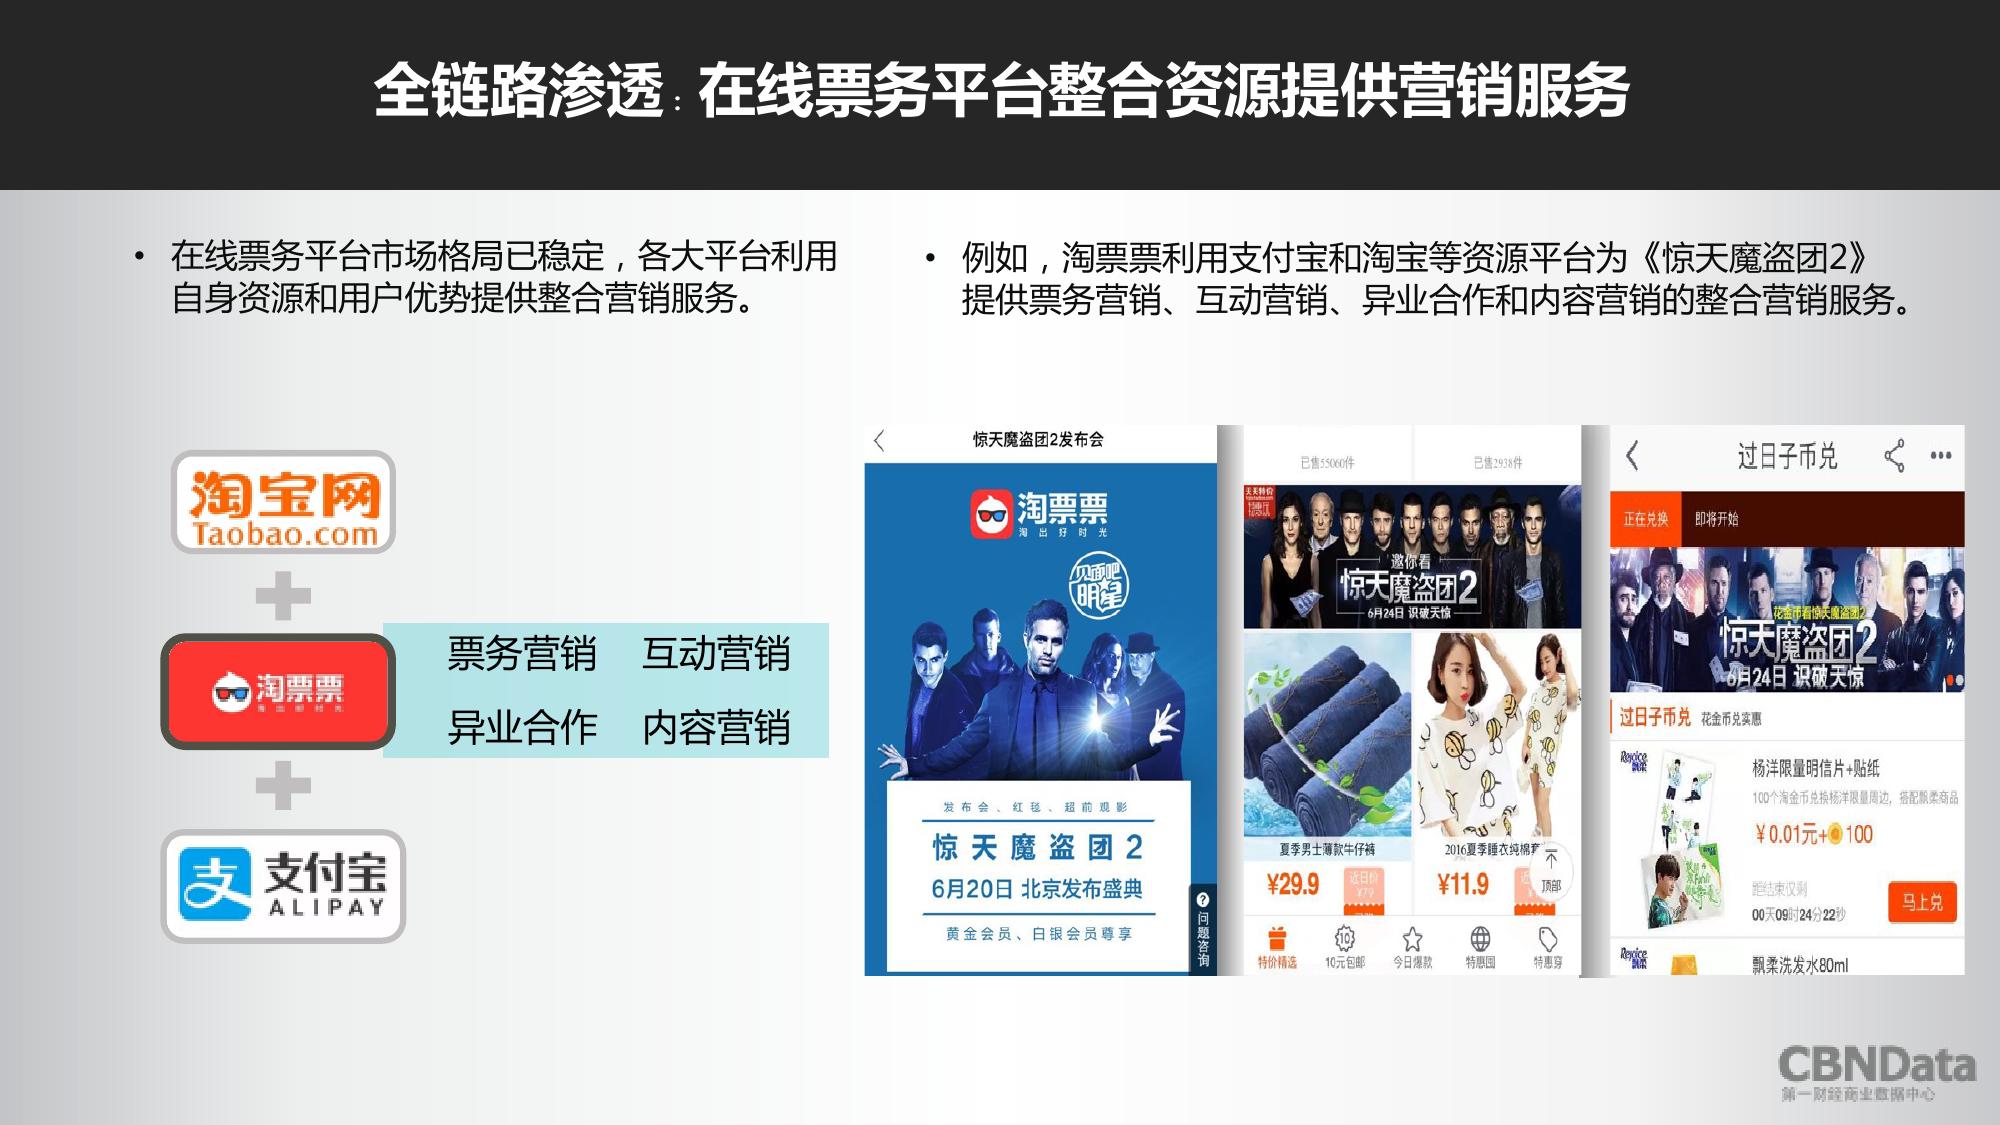 2016上半年中国在线票务平台大数据报告_000023